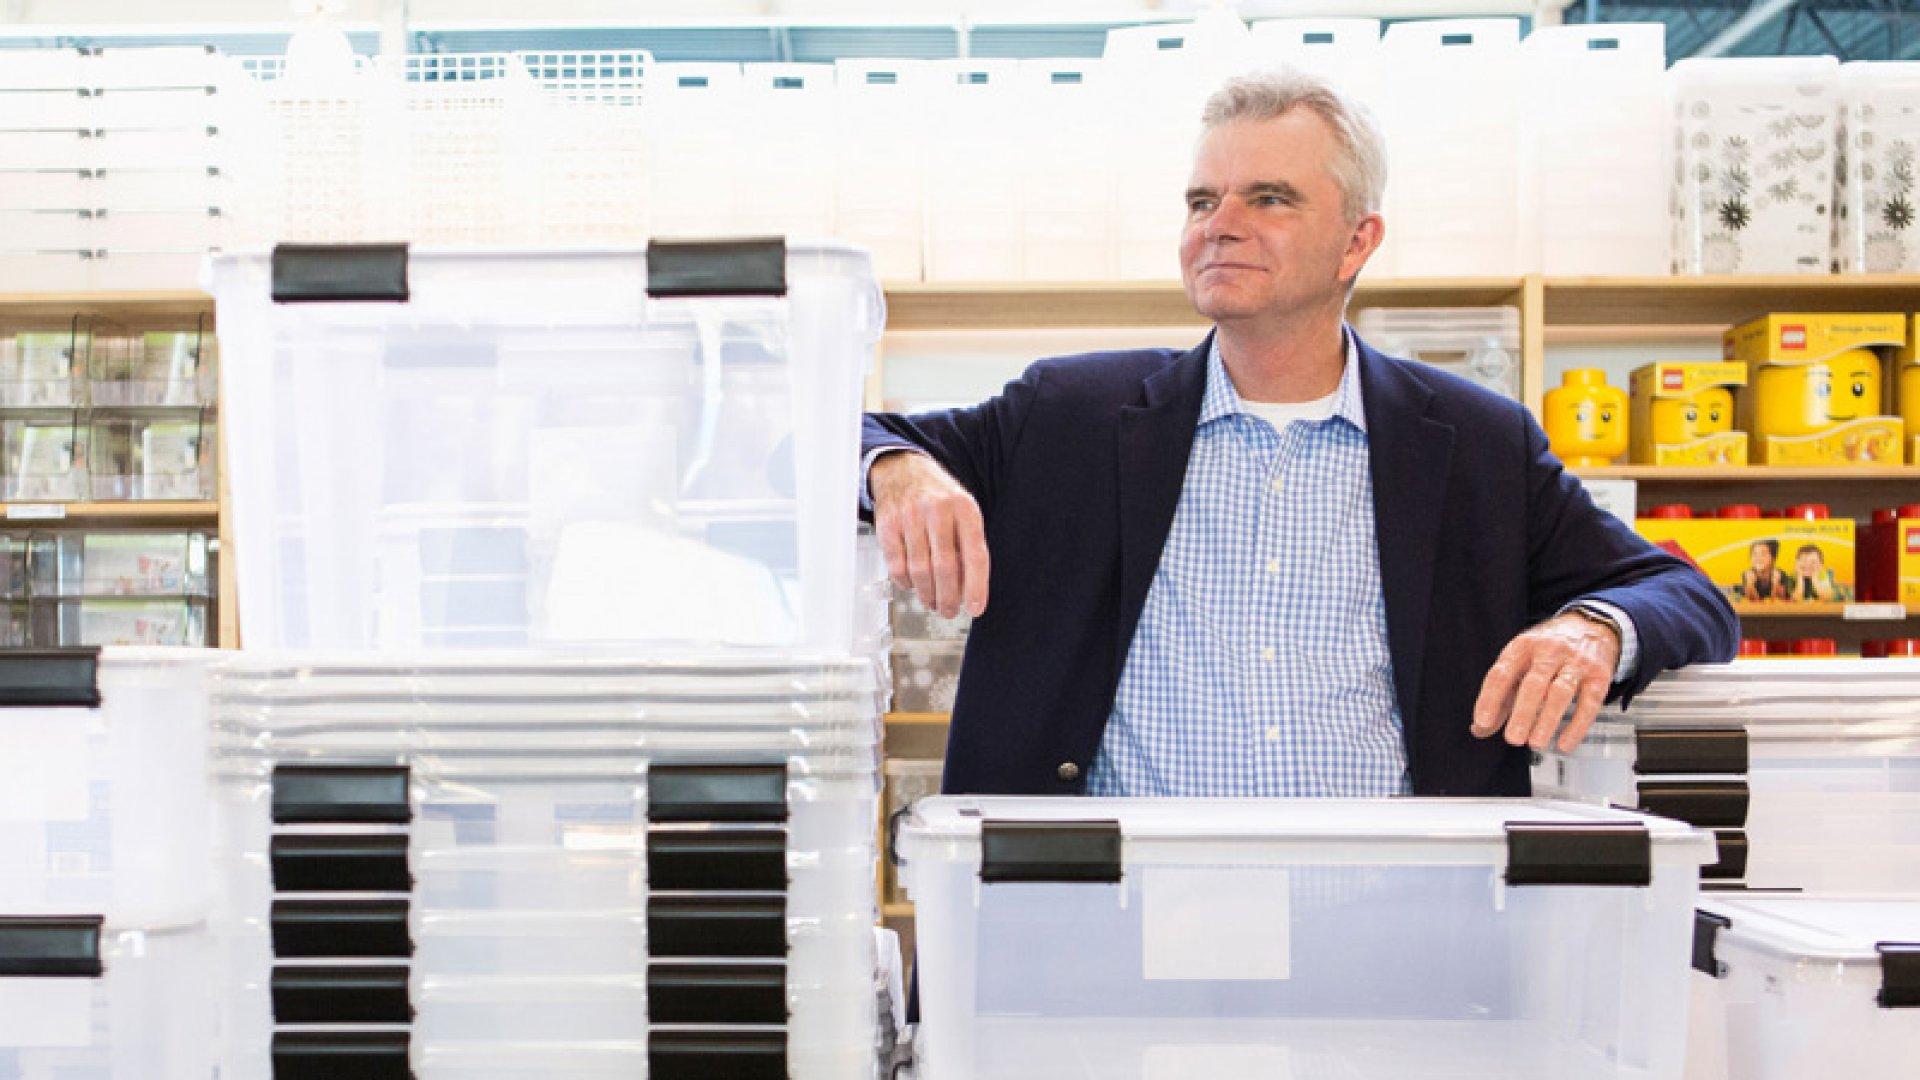 Kip Tindell on How to Maximize Productivity